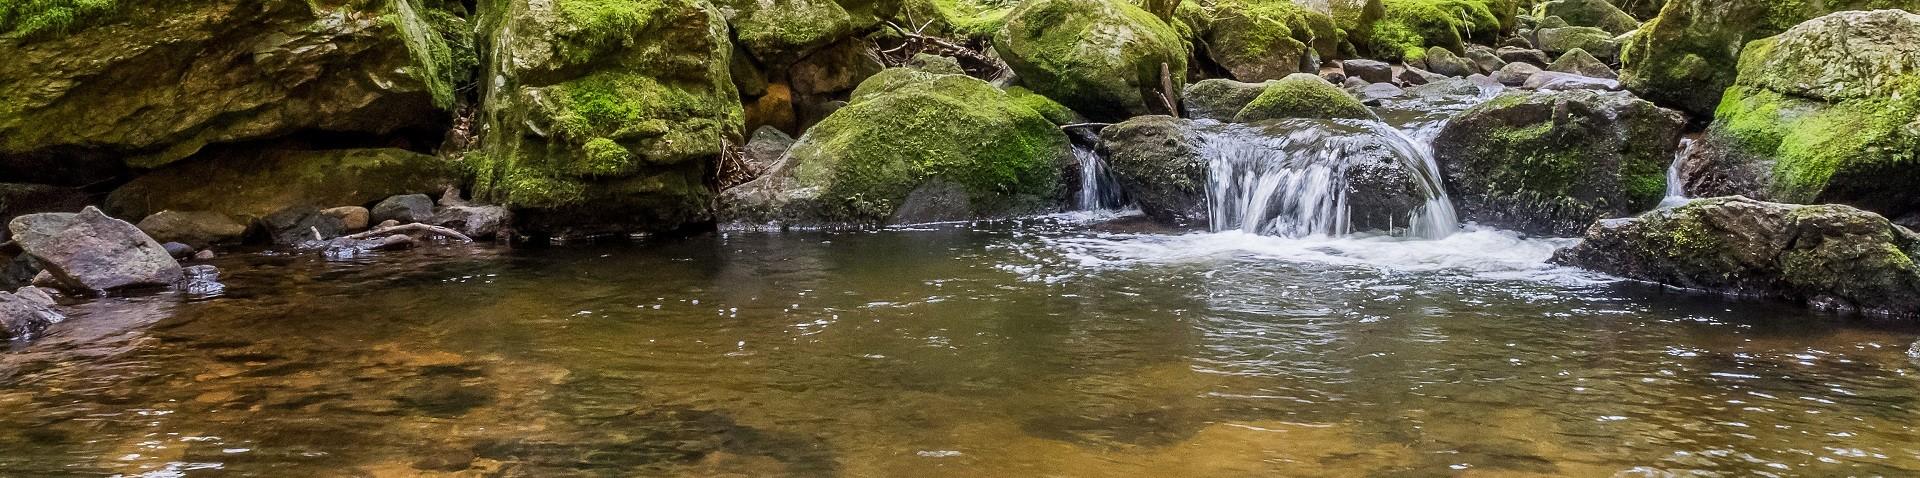 eau222-001-dominique-steinel-2664